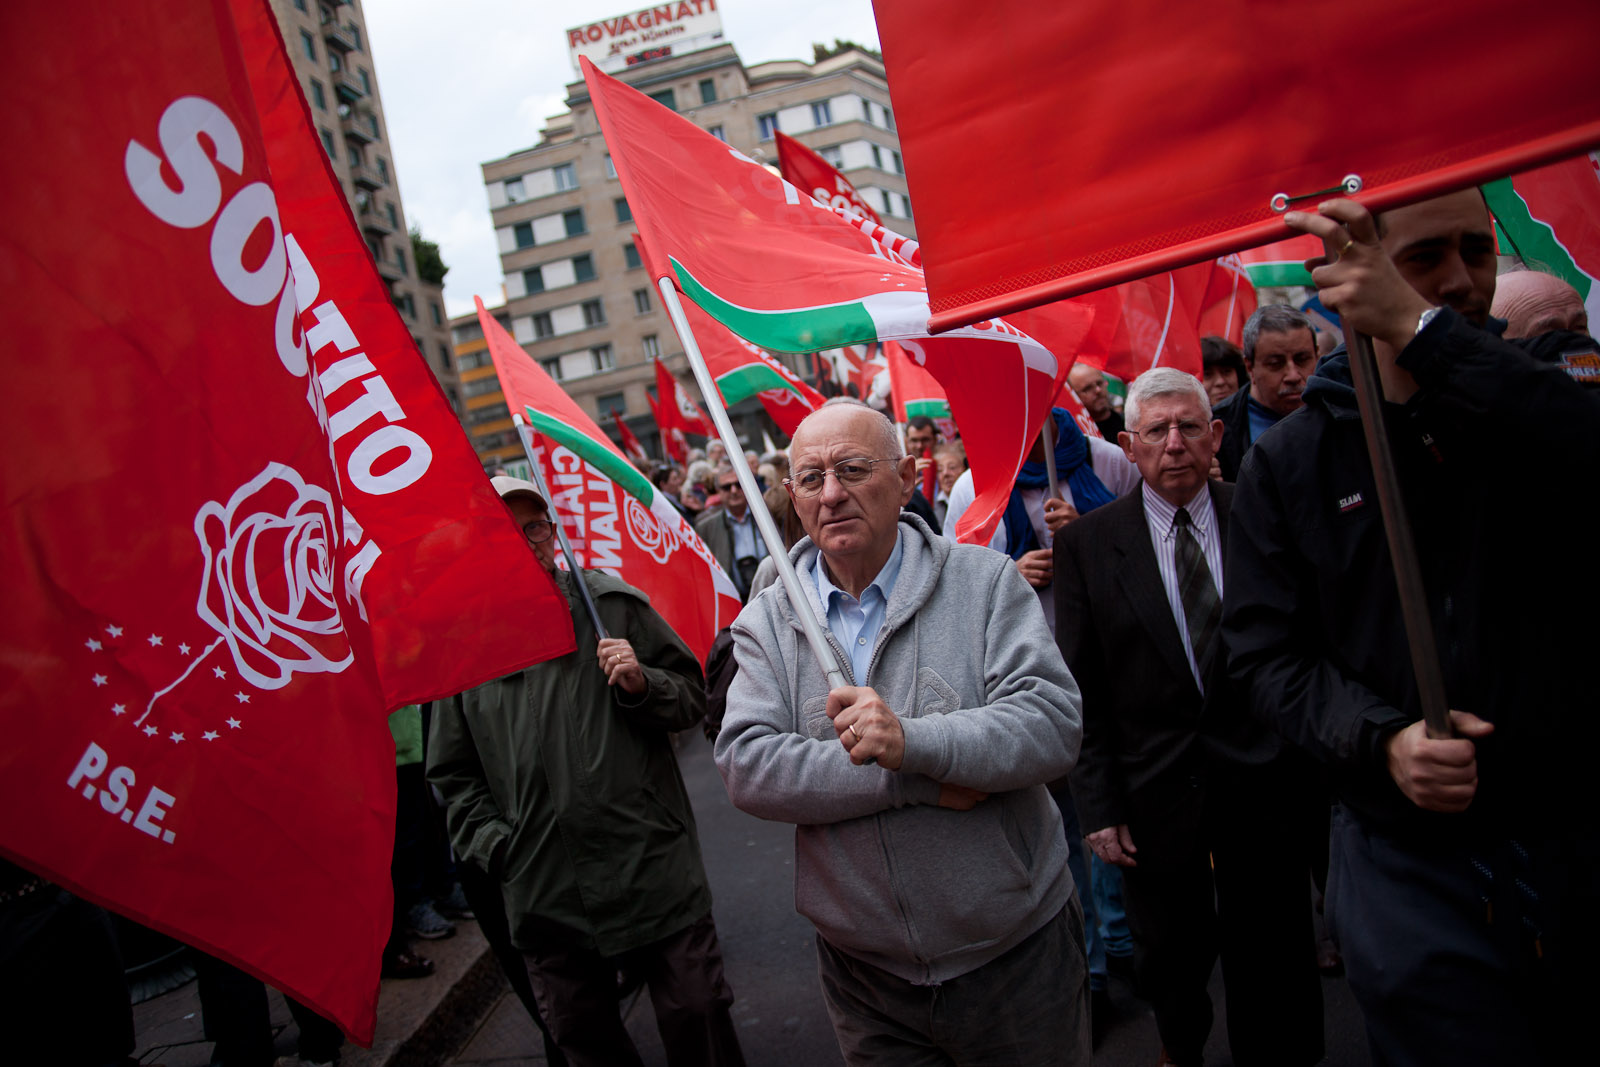 17 - Labourists